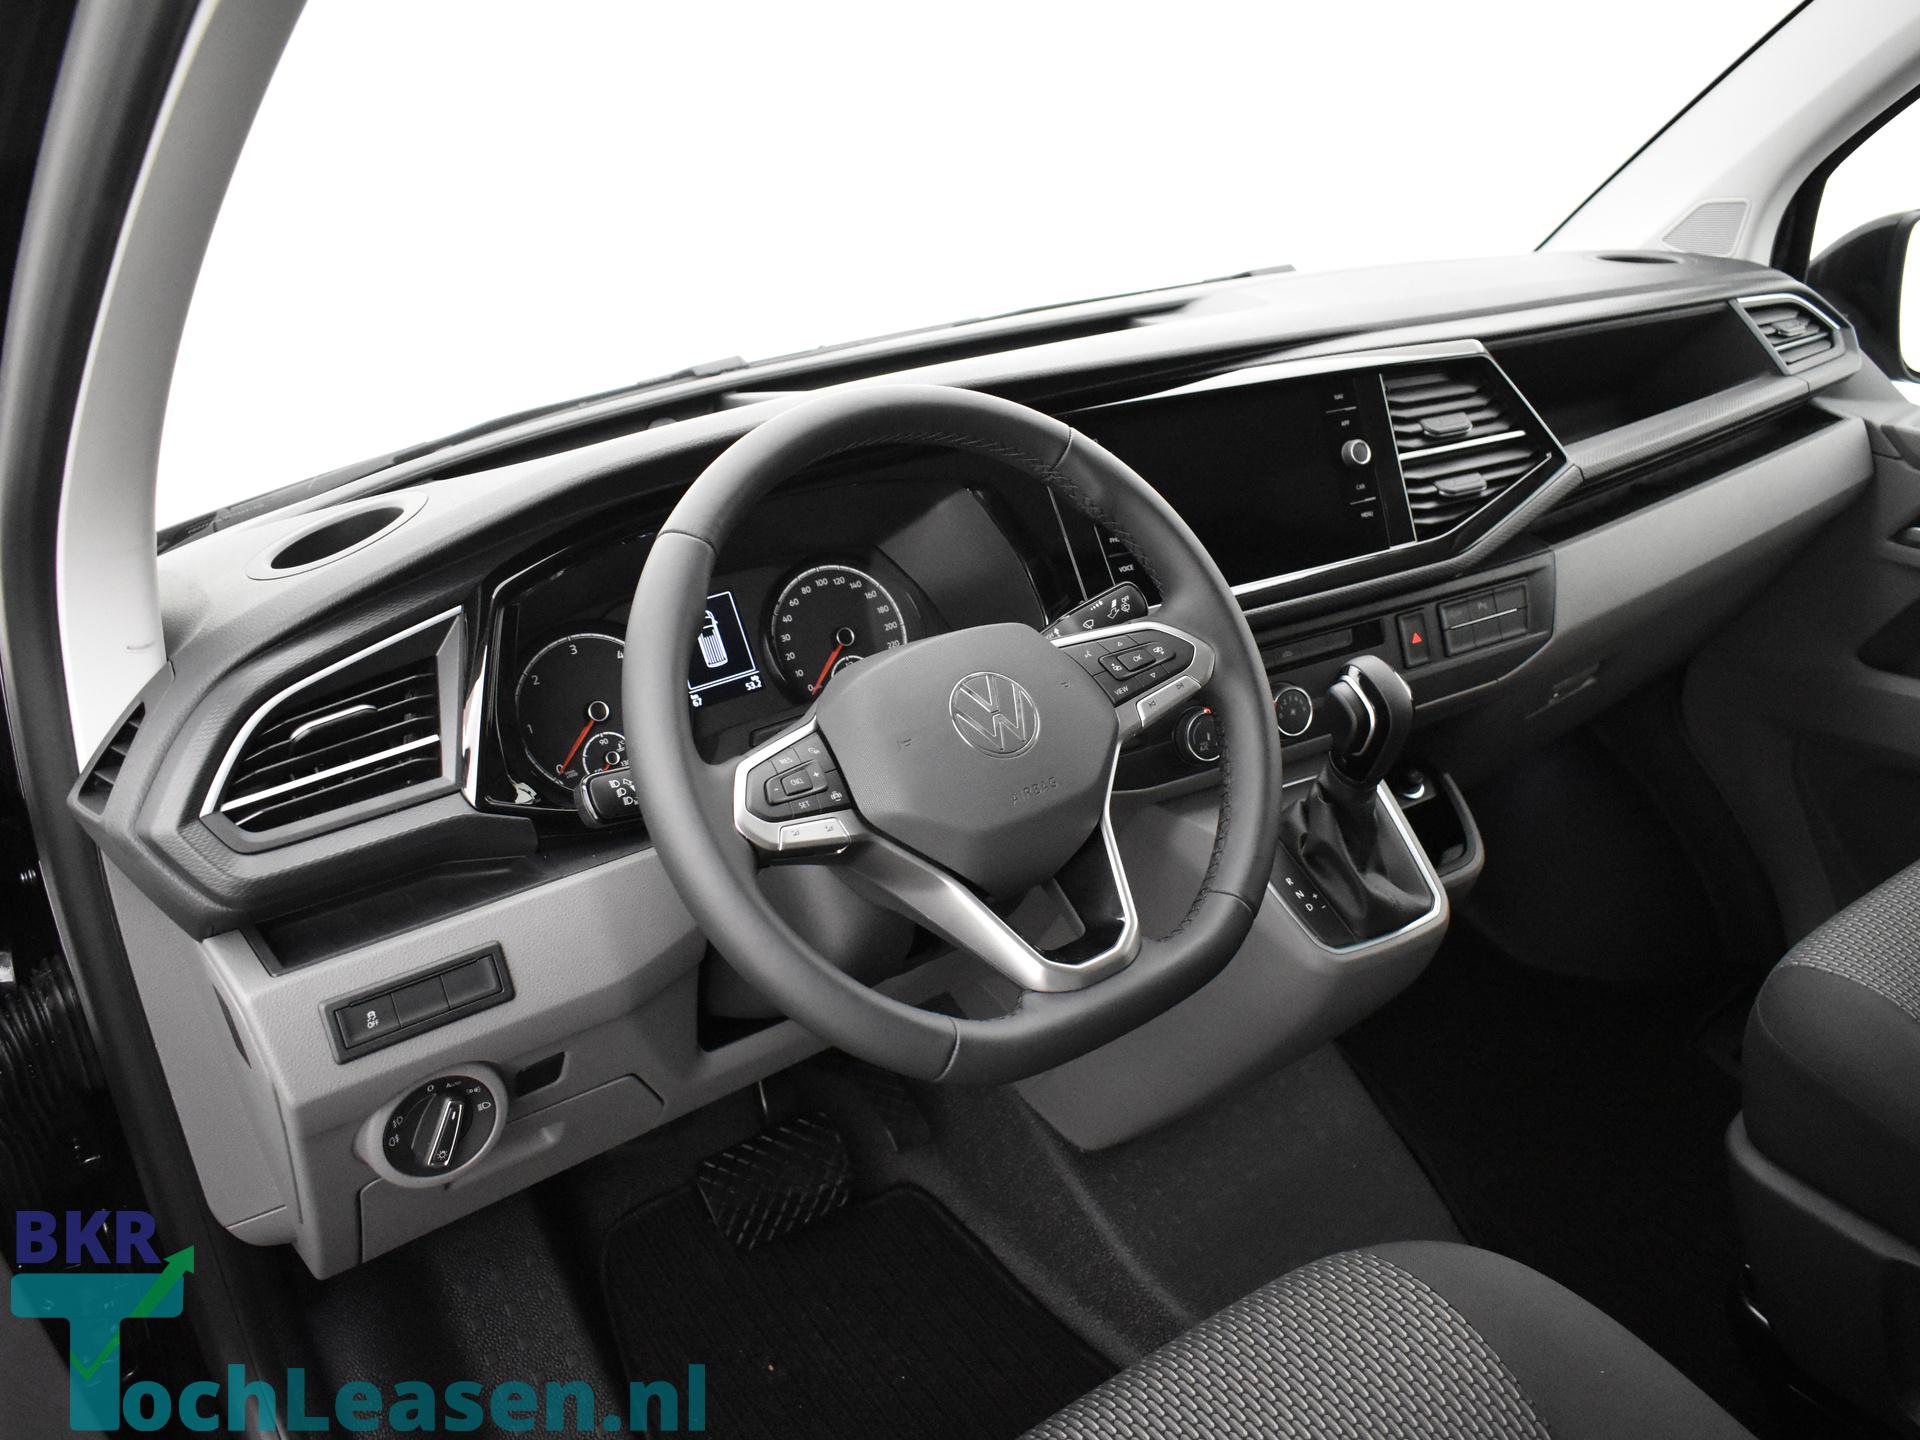 BKR toch leasen Volkswagen Transporter zwart 3